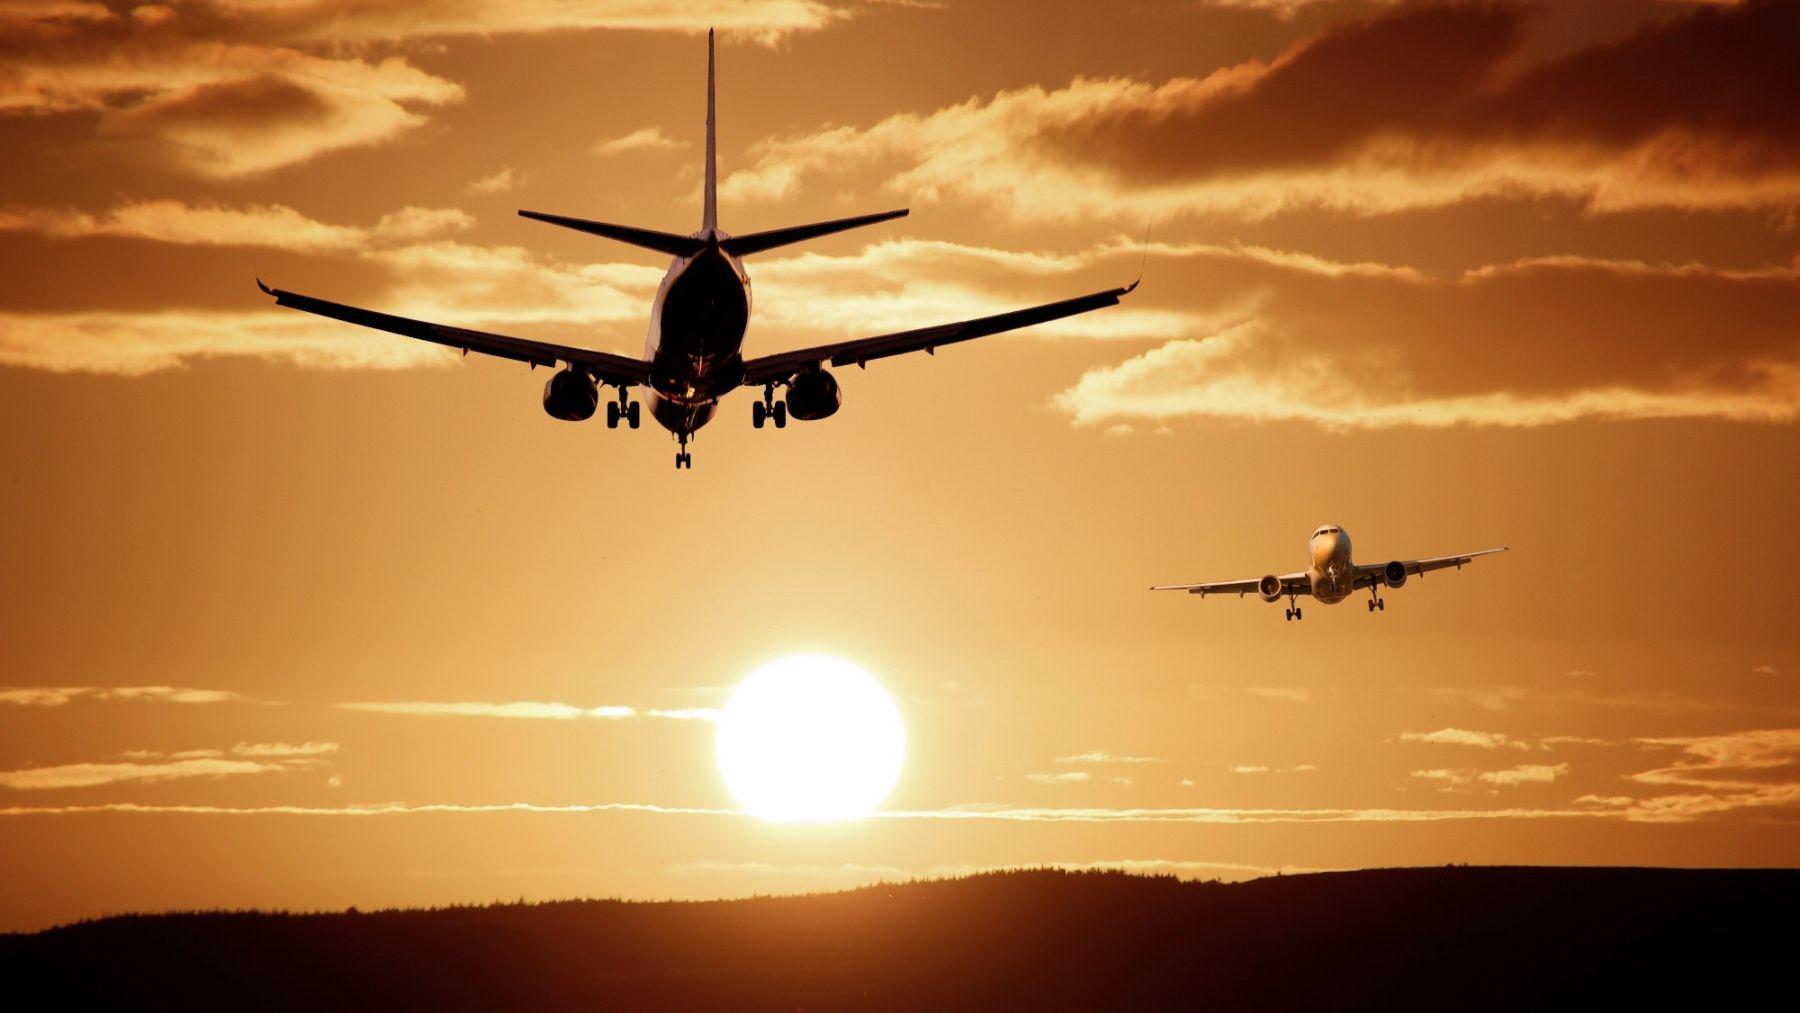 Viajar en avión a veces resulta algo extresante